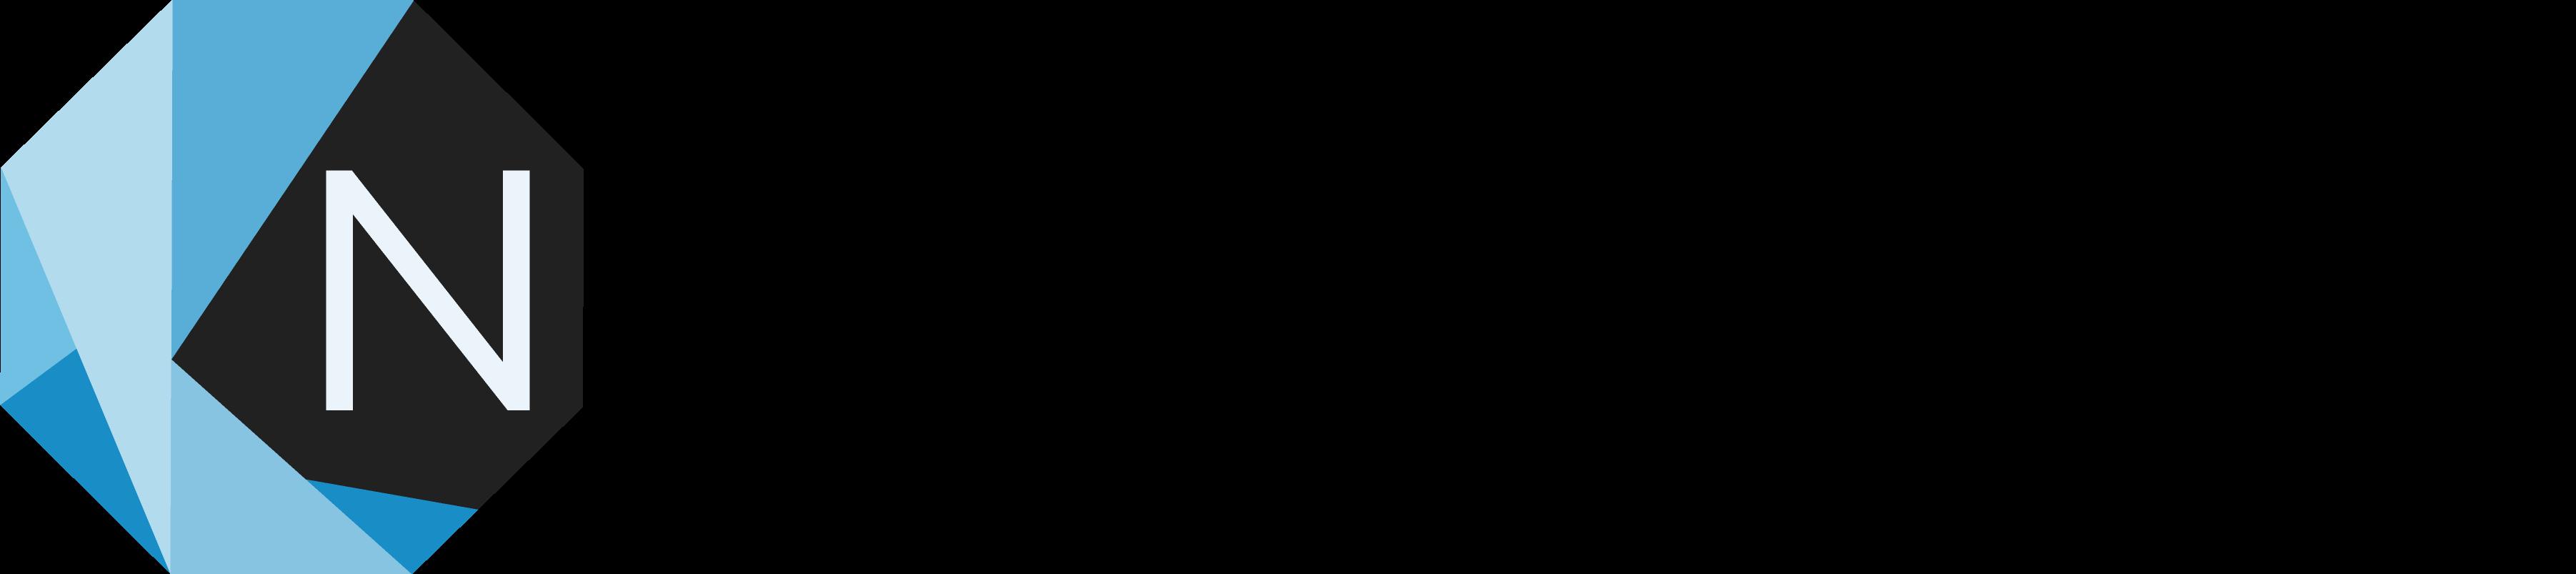 infusion-logo-whole-large